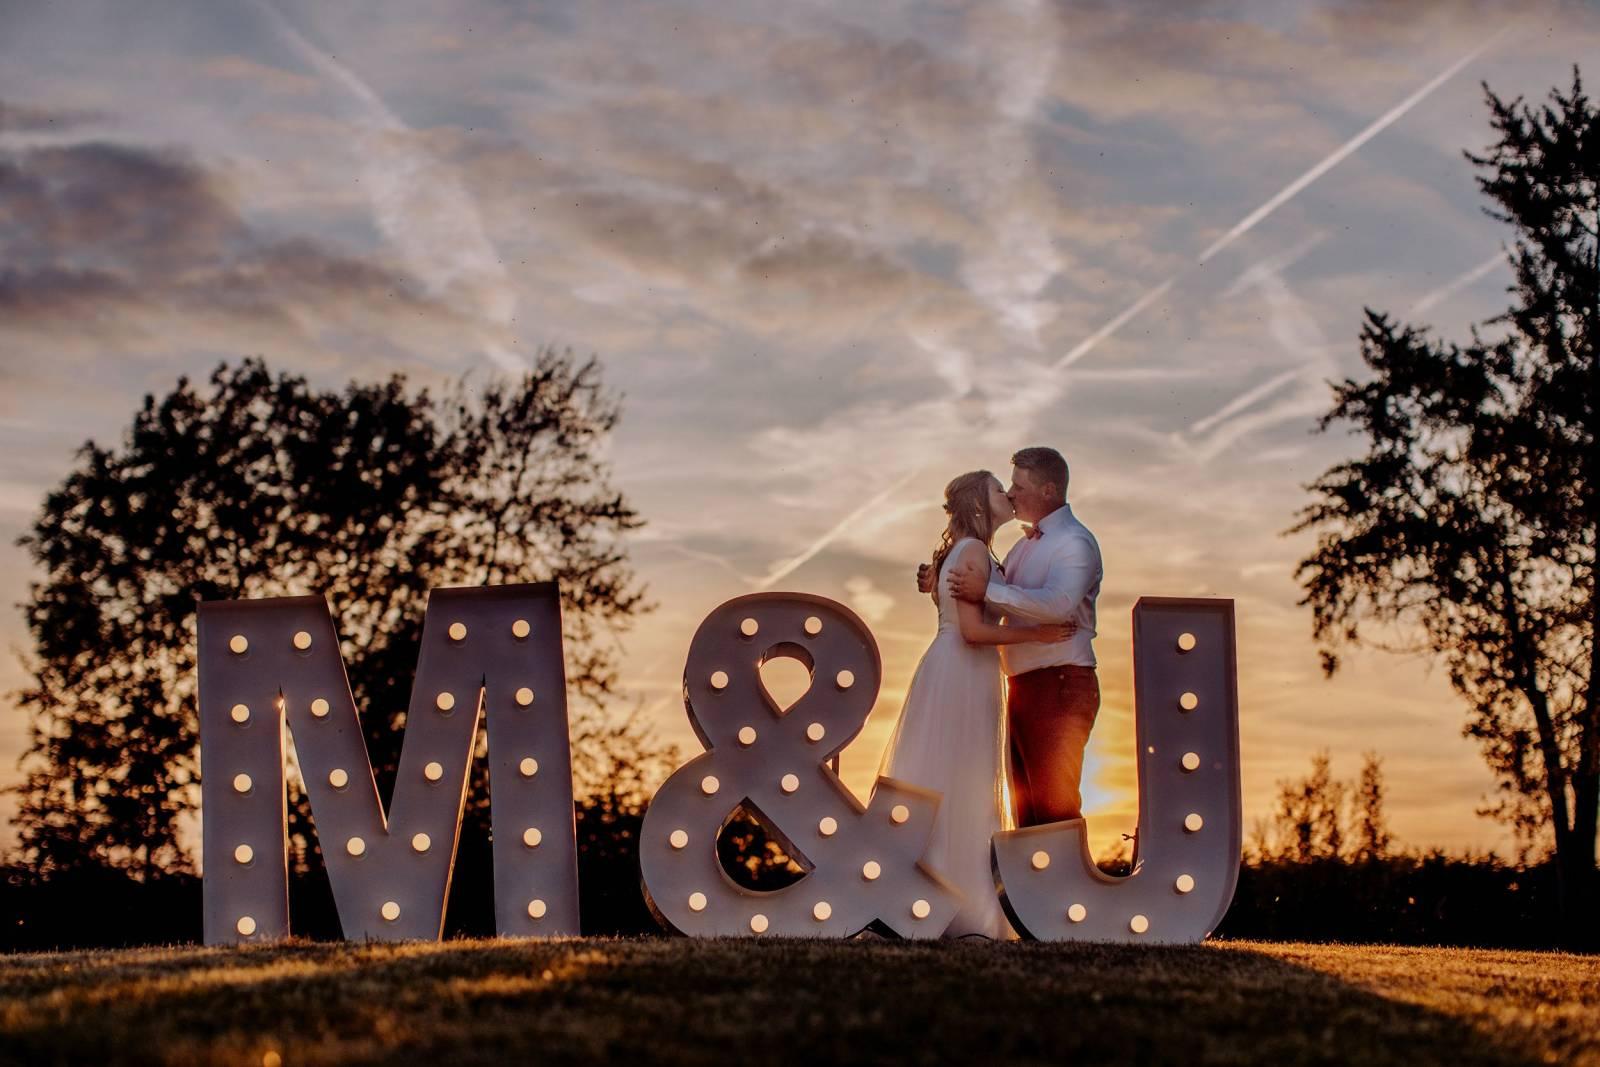 XtraLetter - Decoratie - Fotograaf LUX Visual Storytellers - House of Weddings - 4